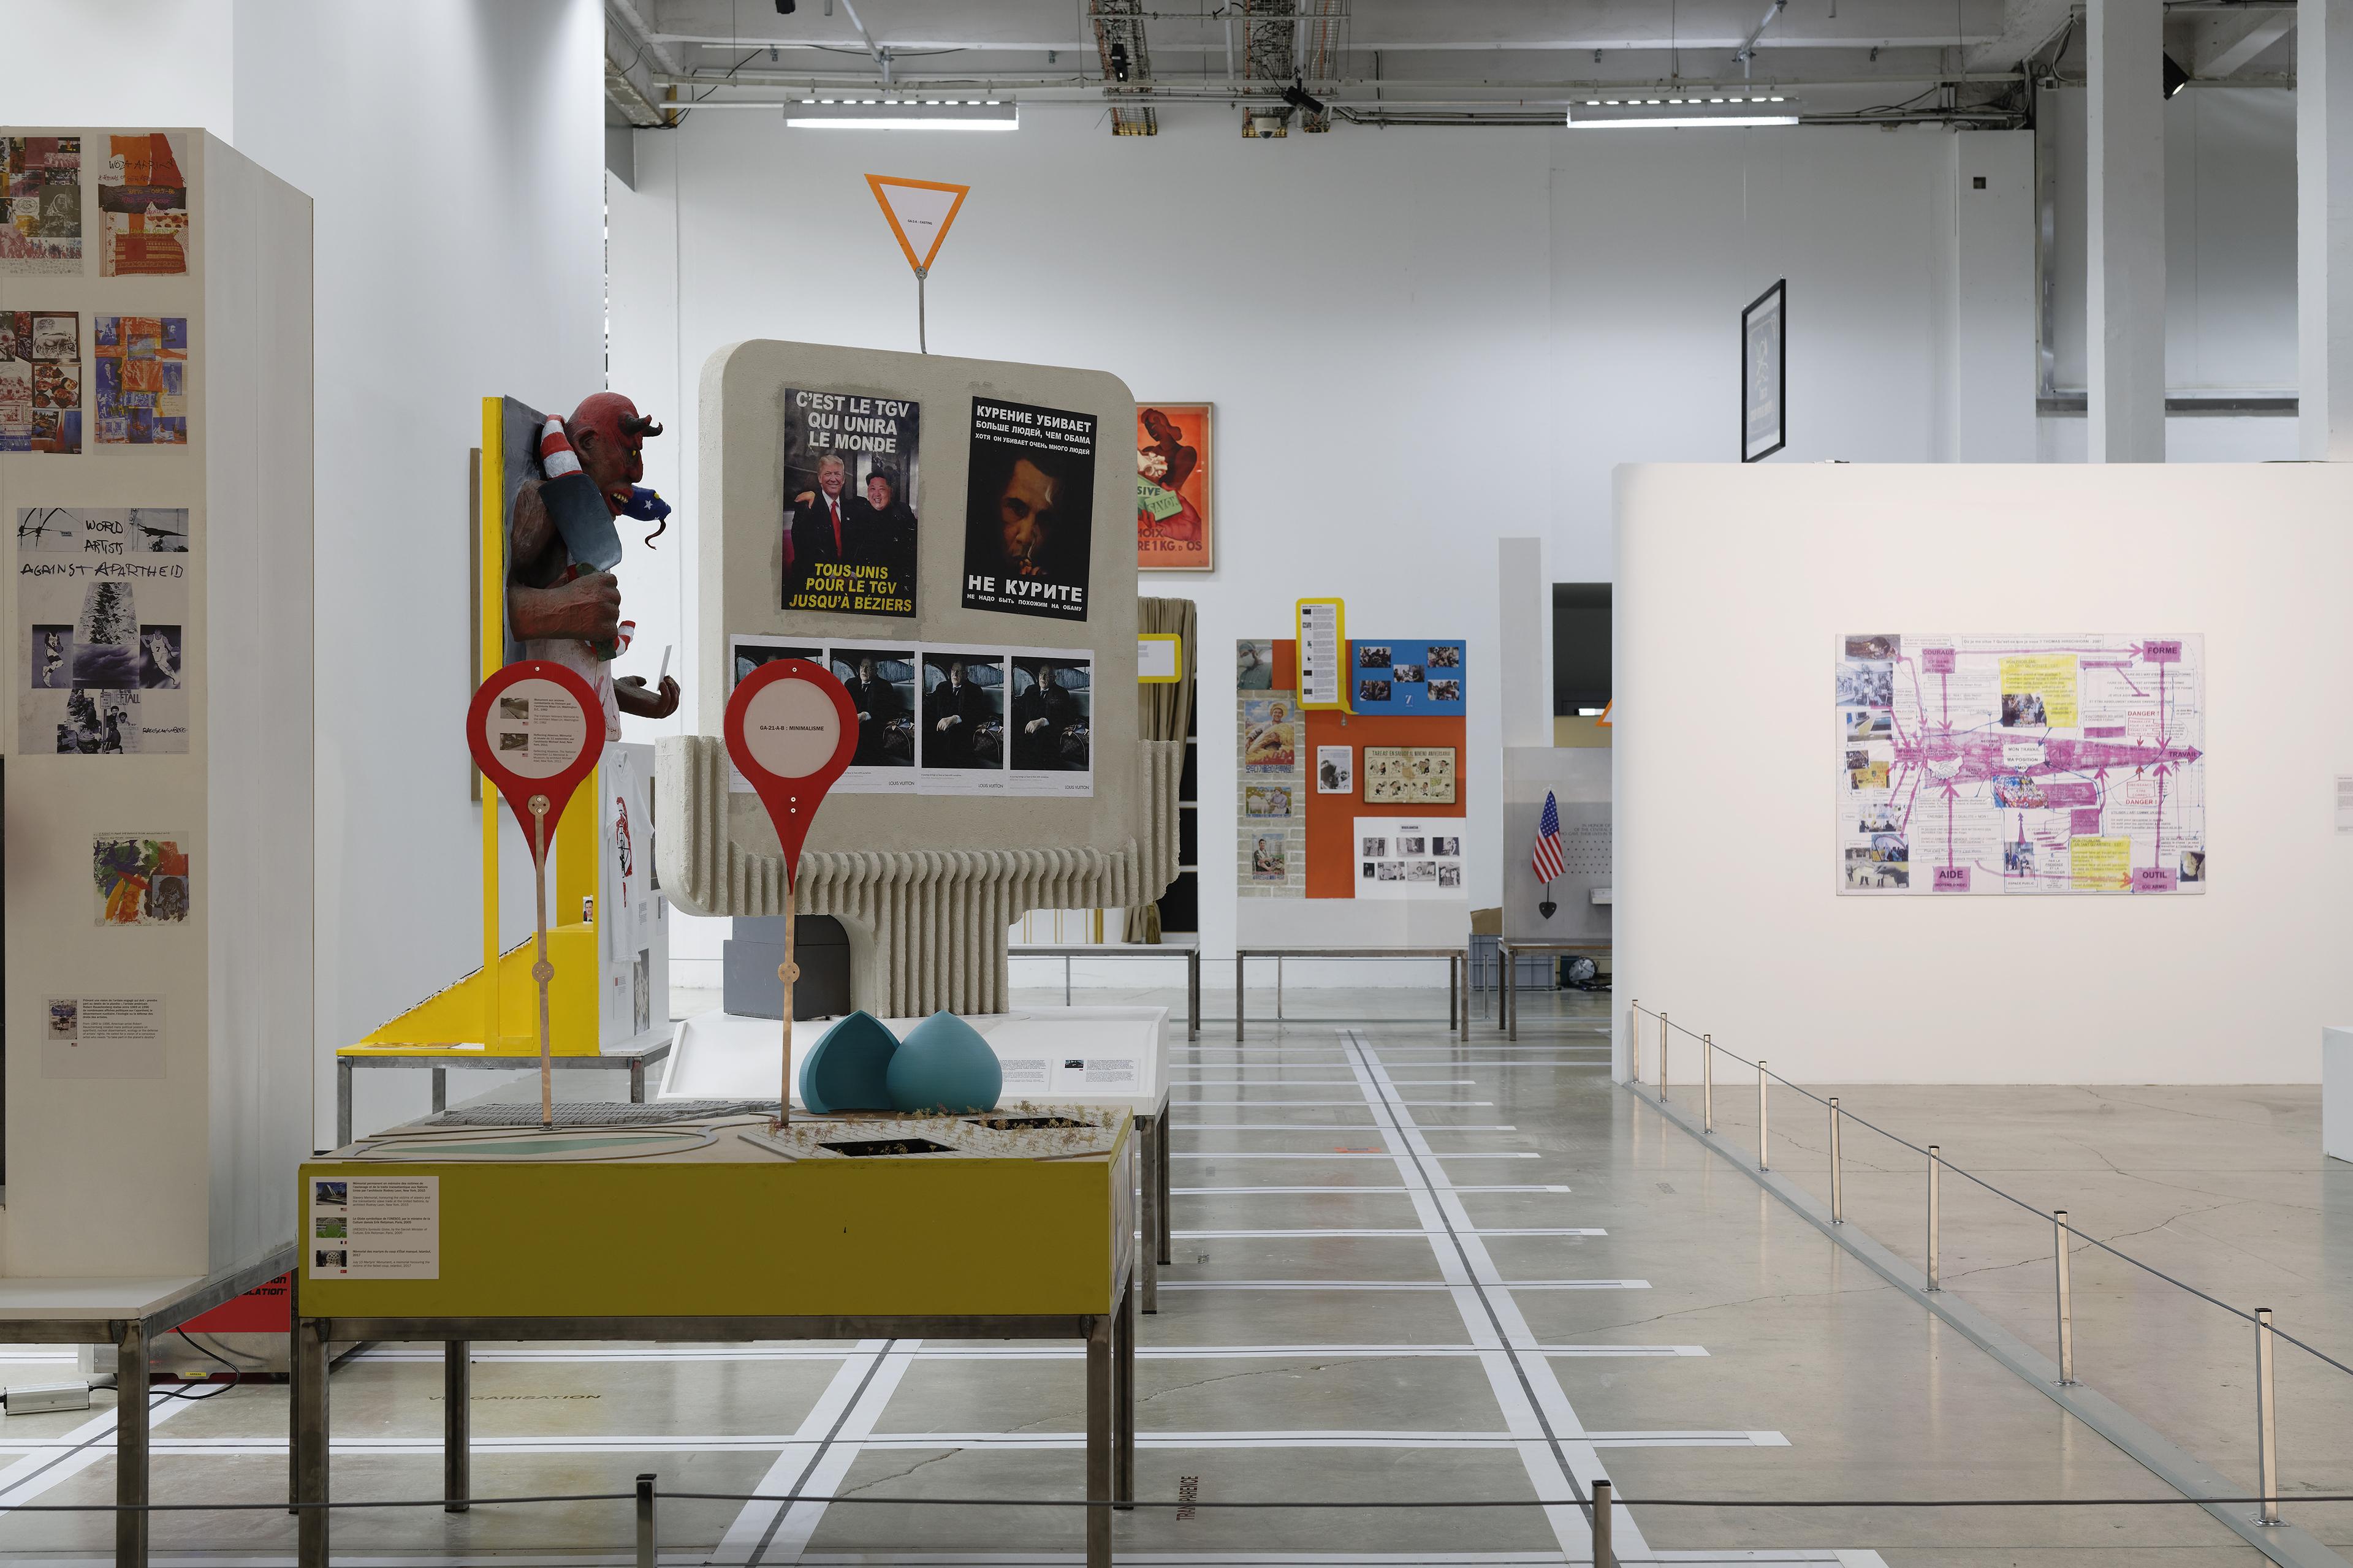 Neïl Beloufa: The enemy of my enemy, Palais de Tokyo, Ausstellungsansicht 2018, Courtesy der Künstler und Balice Hertling Gallery (Paris), Foto: Aurélien Mole © ADAGP, Paris 2018